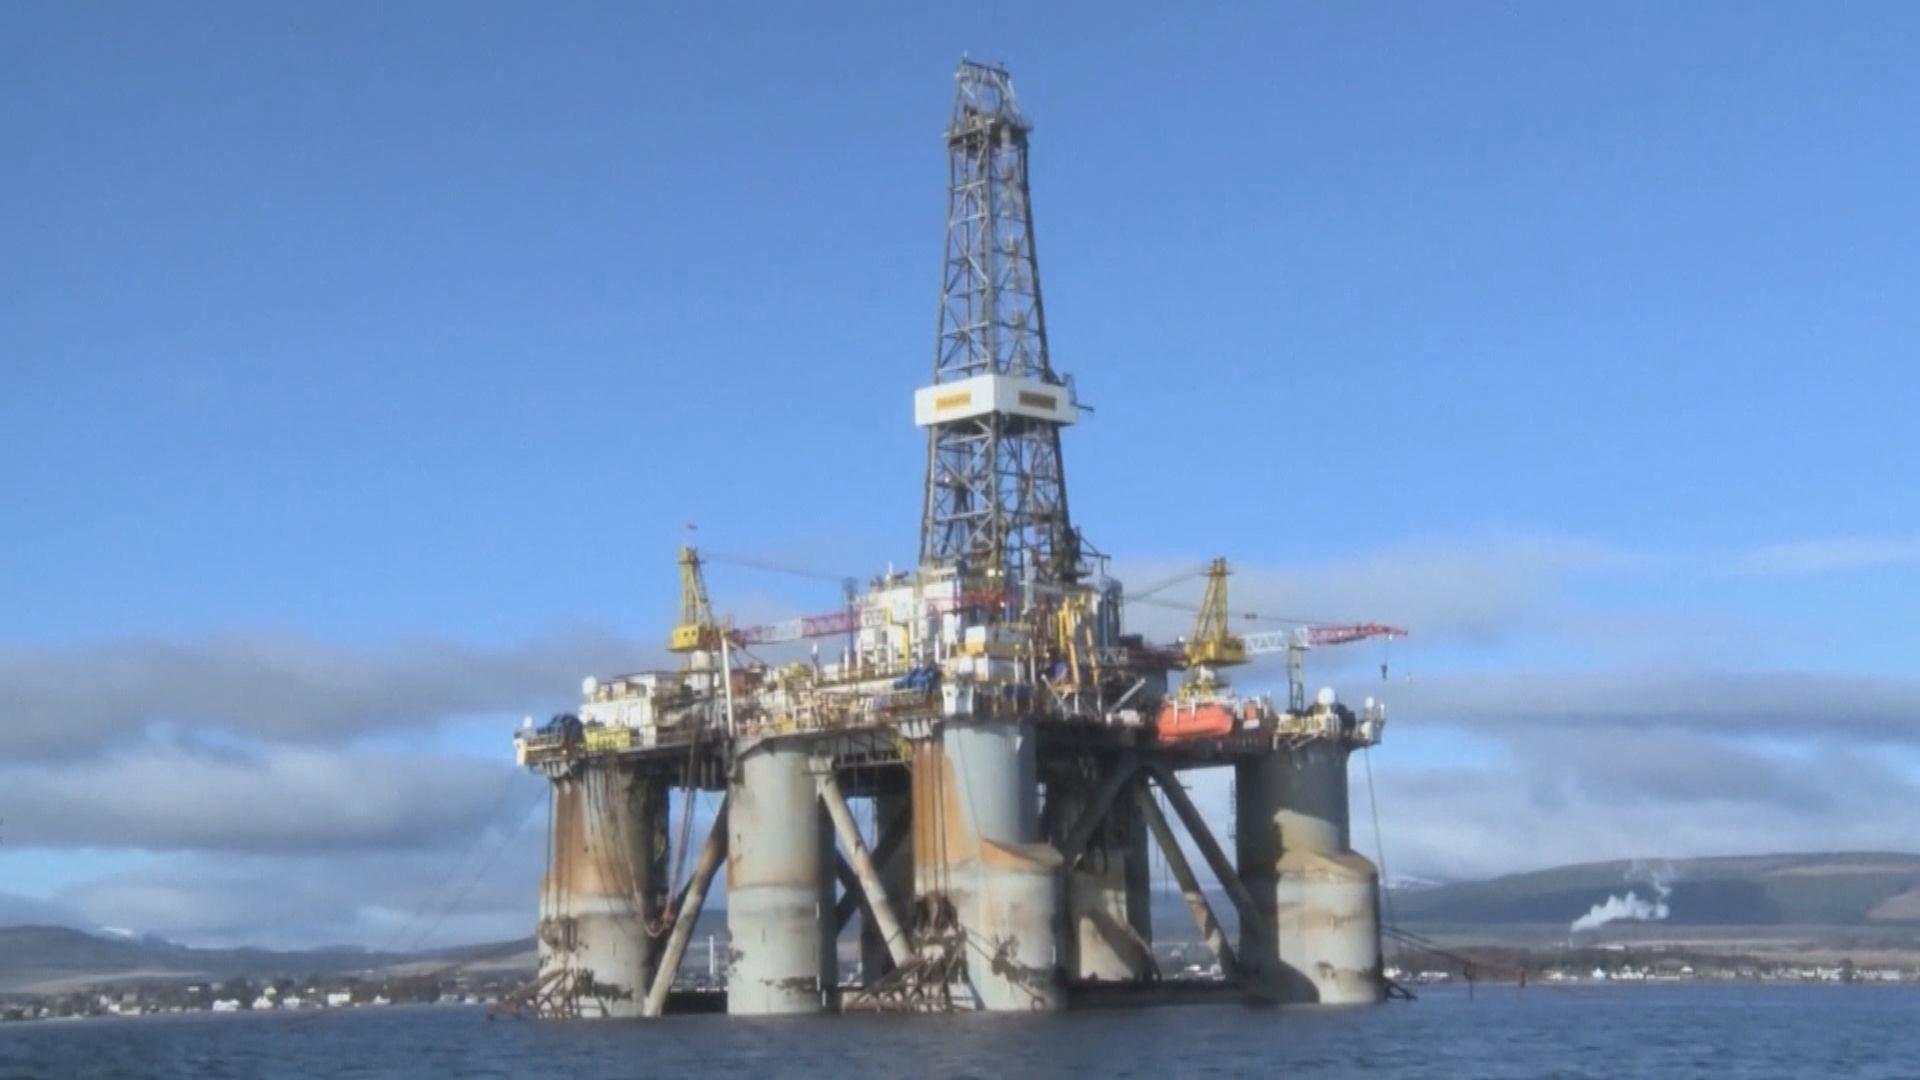 中國銀行今起暫停客戶原油寶新開倉交易